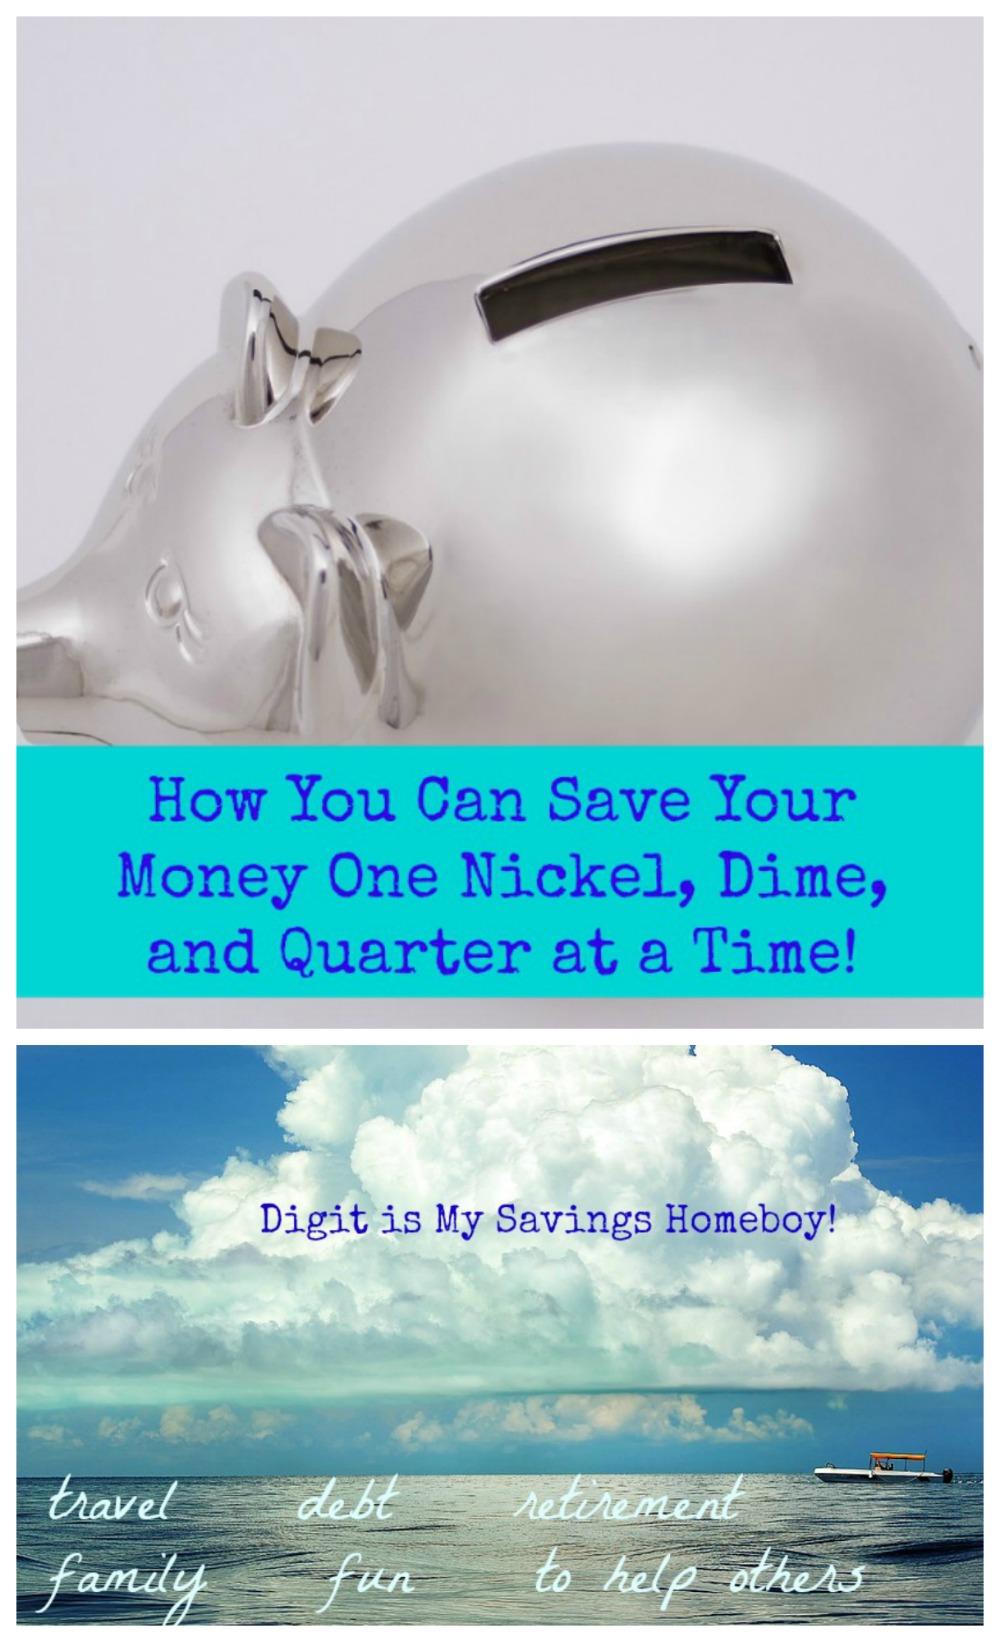 Digit is My Savings Homeboy!